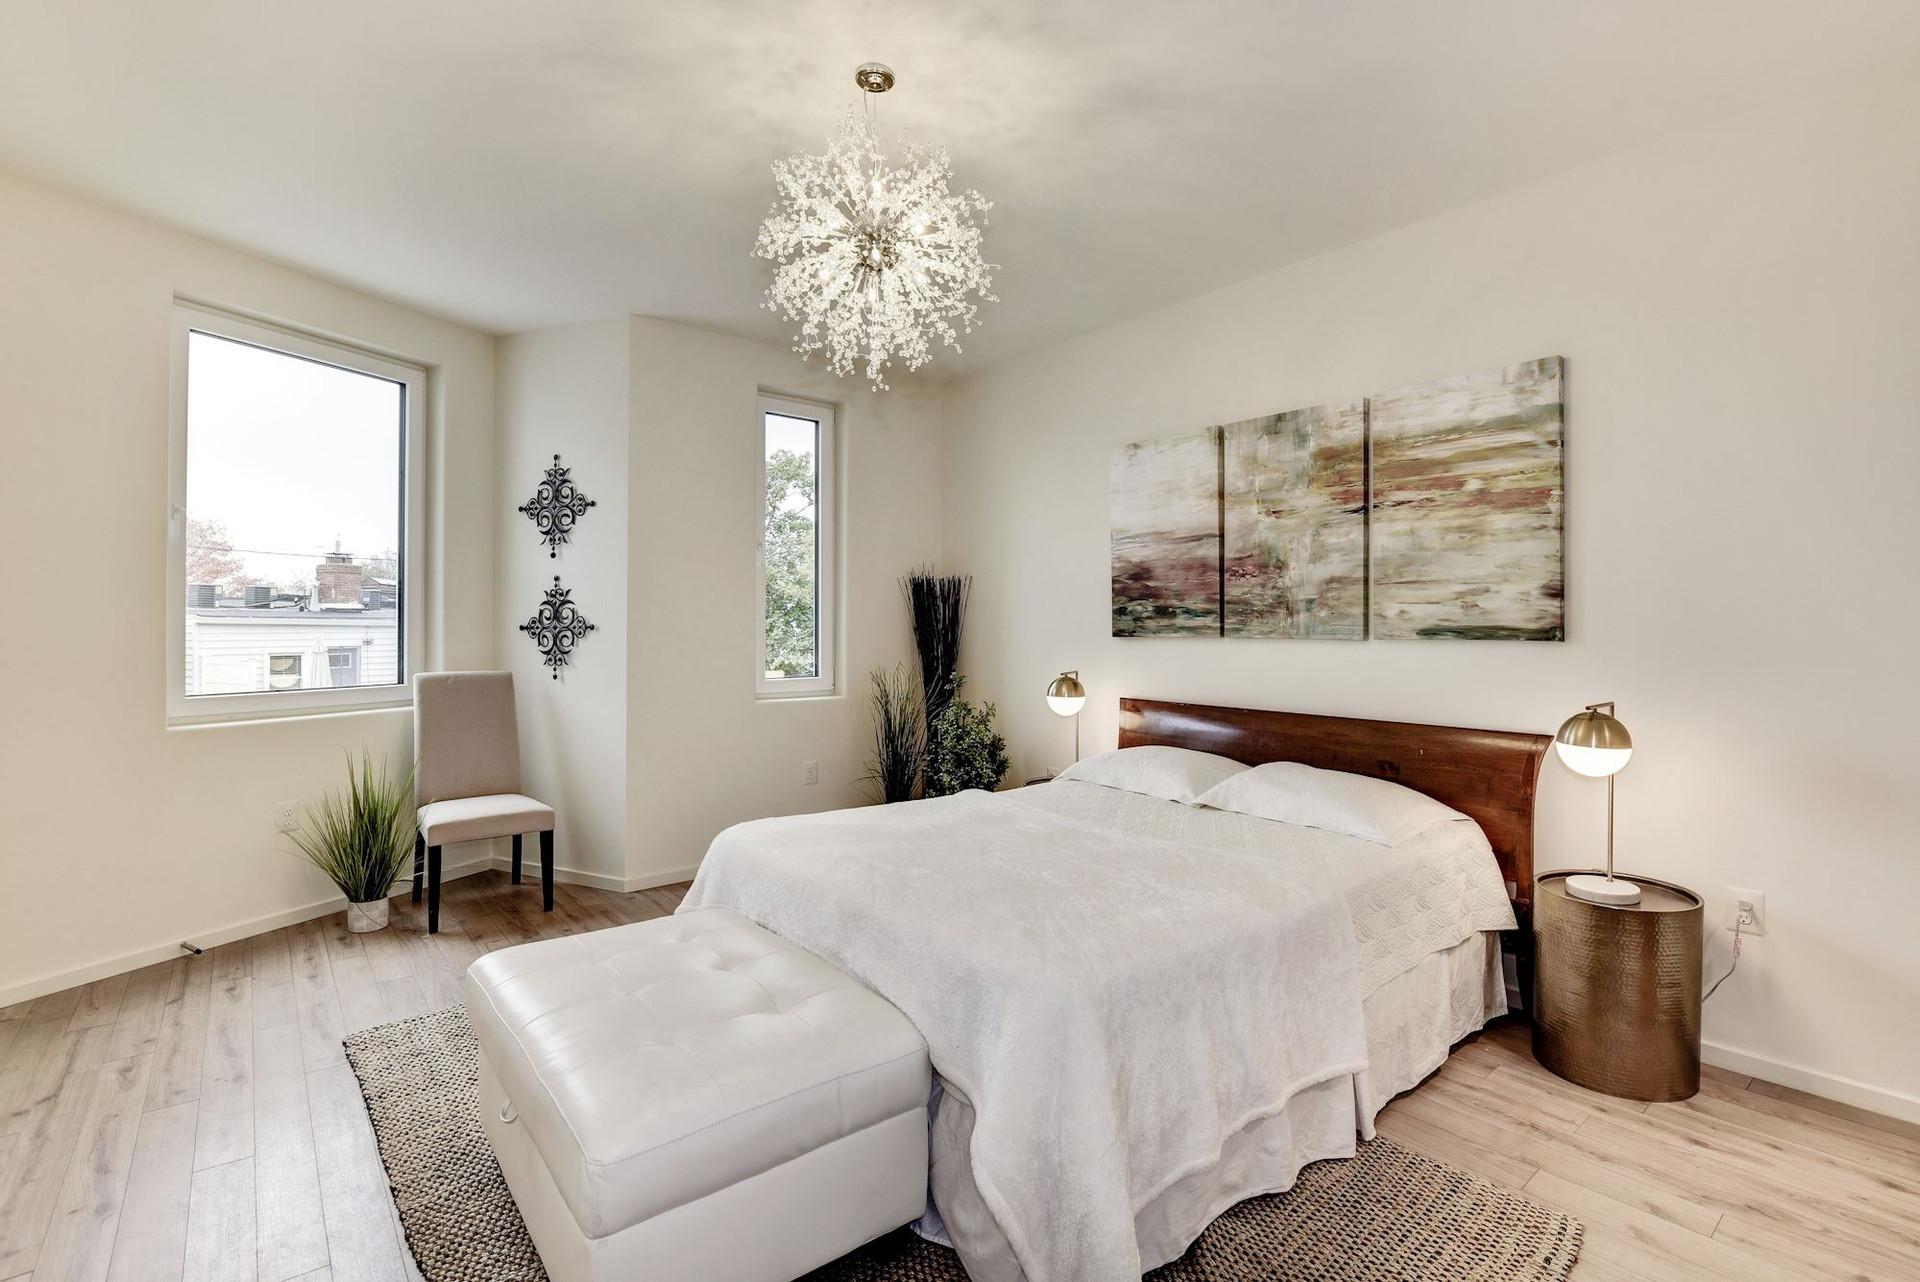 15'x13' bright master bedroom.